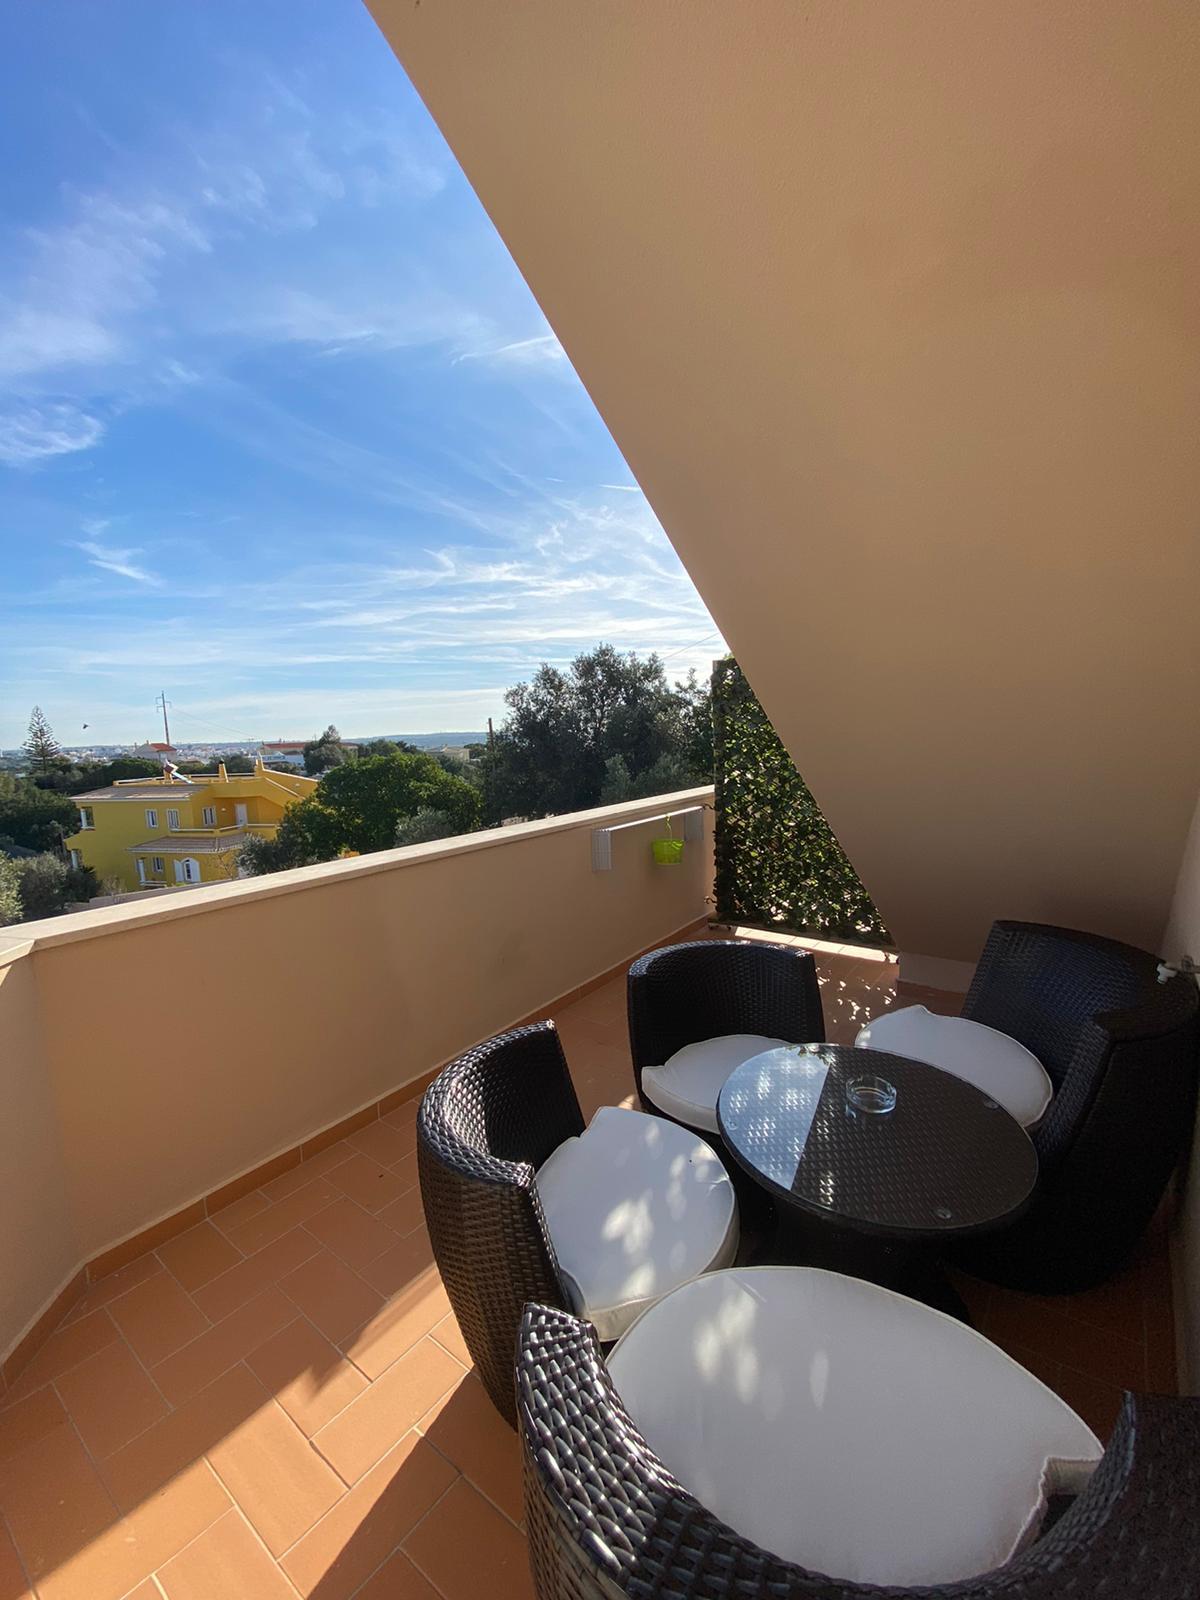 Location appartements et villas de vacance, Villa L'Estaque , chambres d'hôtes à Armação de Pêra, Portugal Algarve, REF_IMG_15648_15658